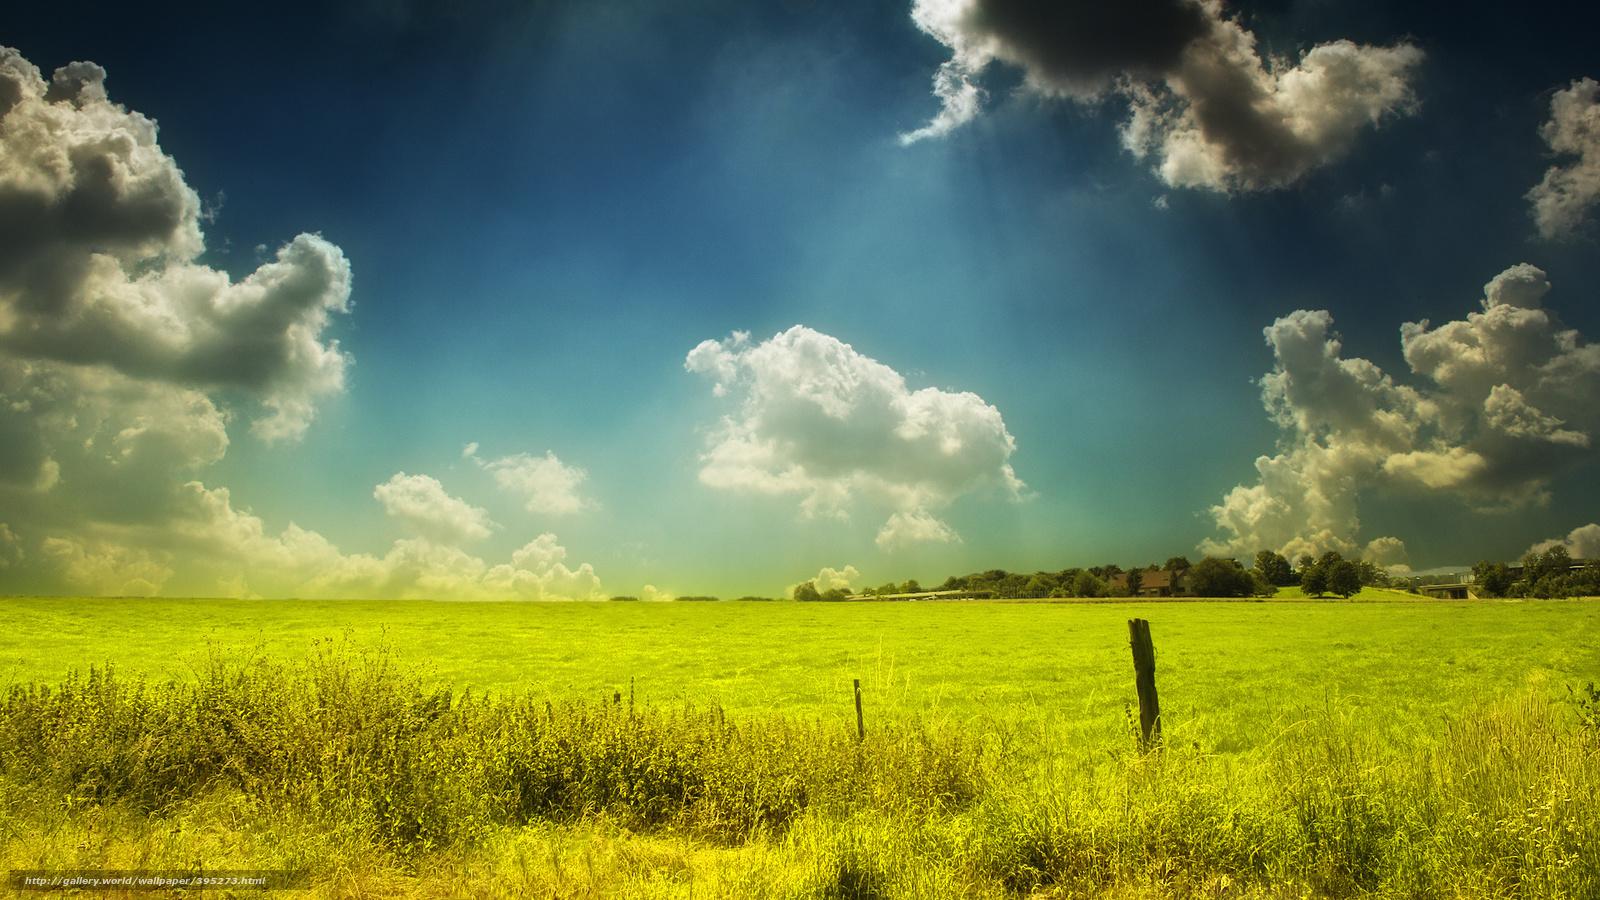 scaricare gli sfondi erba, prato, cielo, nuvole Sfondi ... Wallpaperscraft